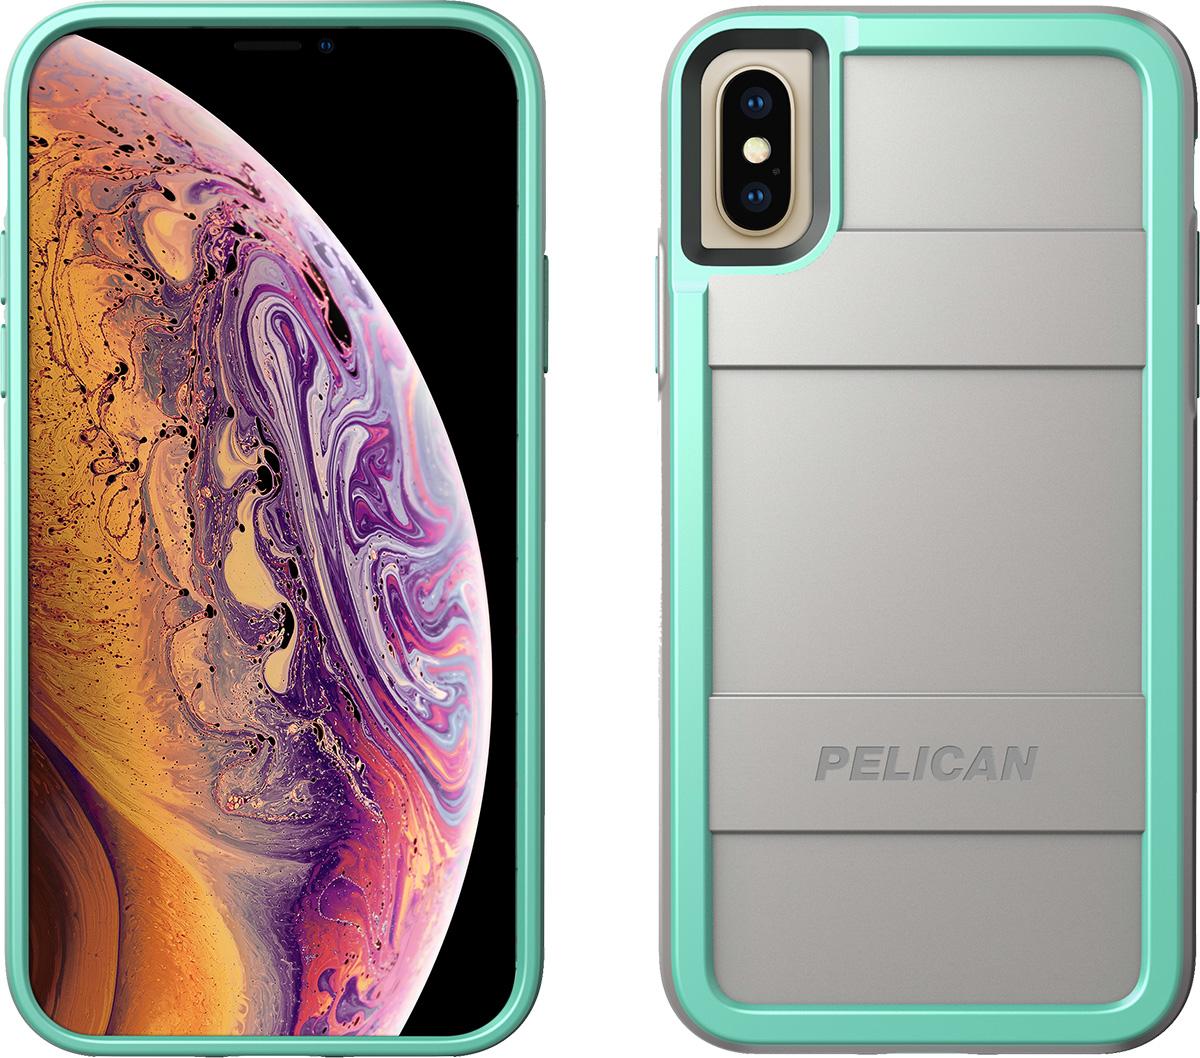 pelican aqua gray iphone xs case protector